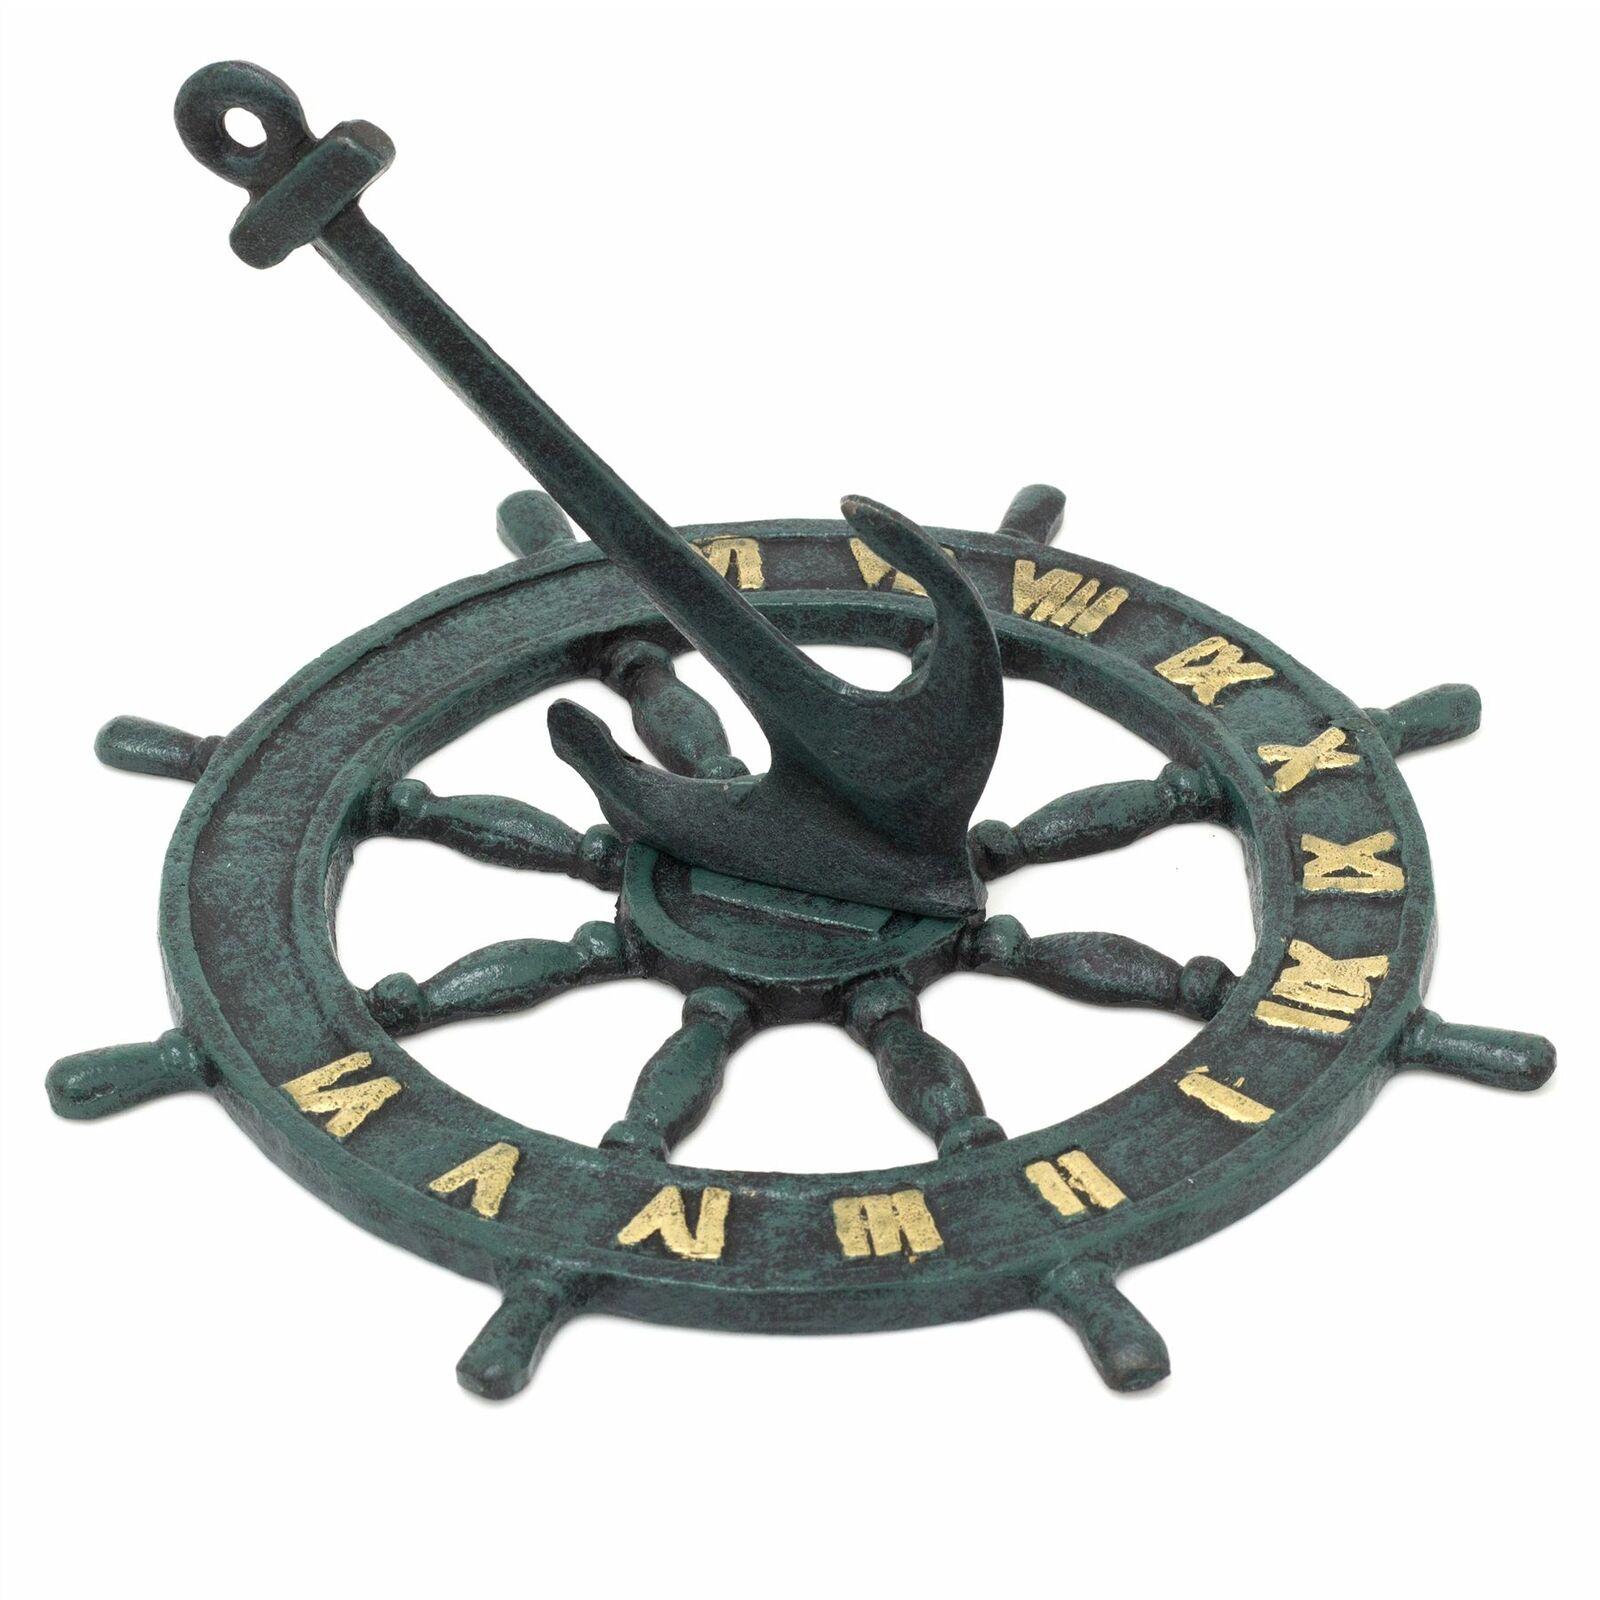 Nautical Cast Iron Garden Sundial | Sundial Ship Wheel Anchor Ornament 23cm